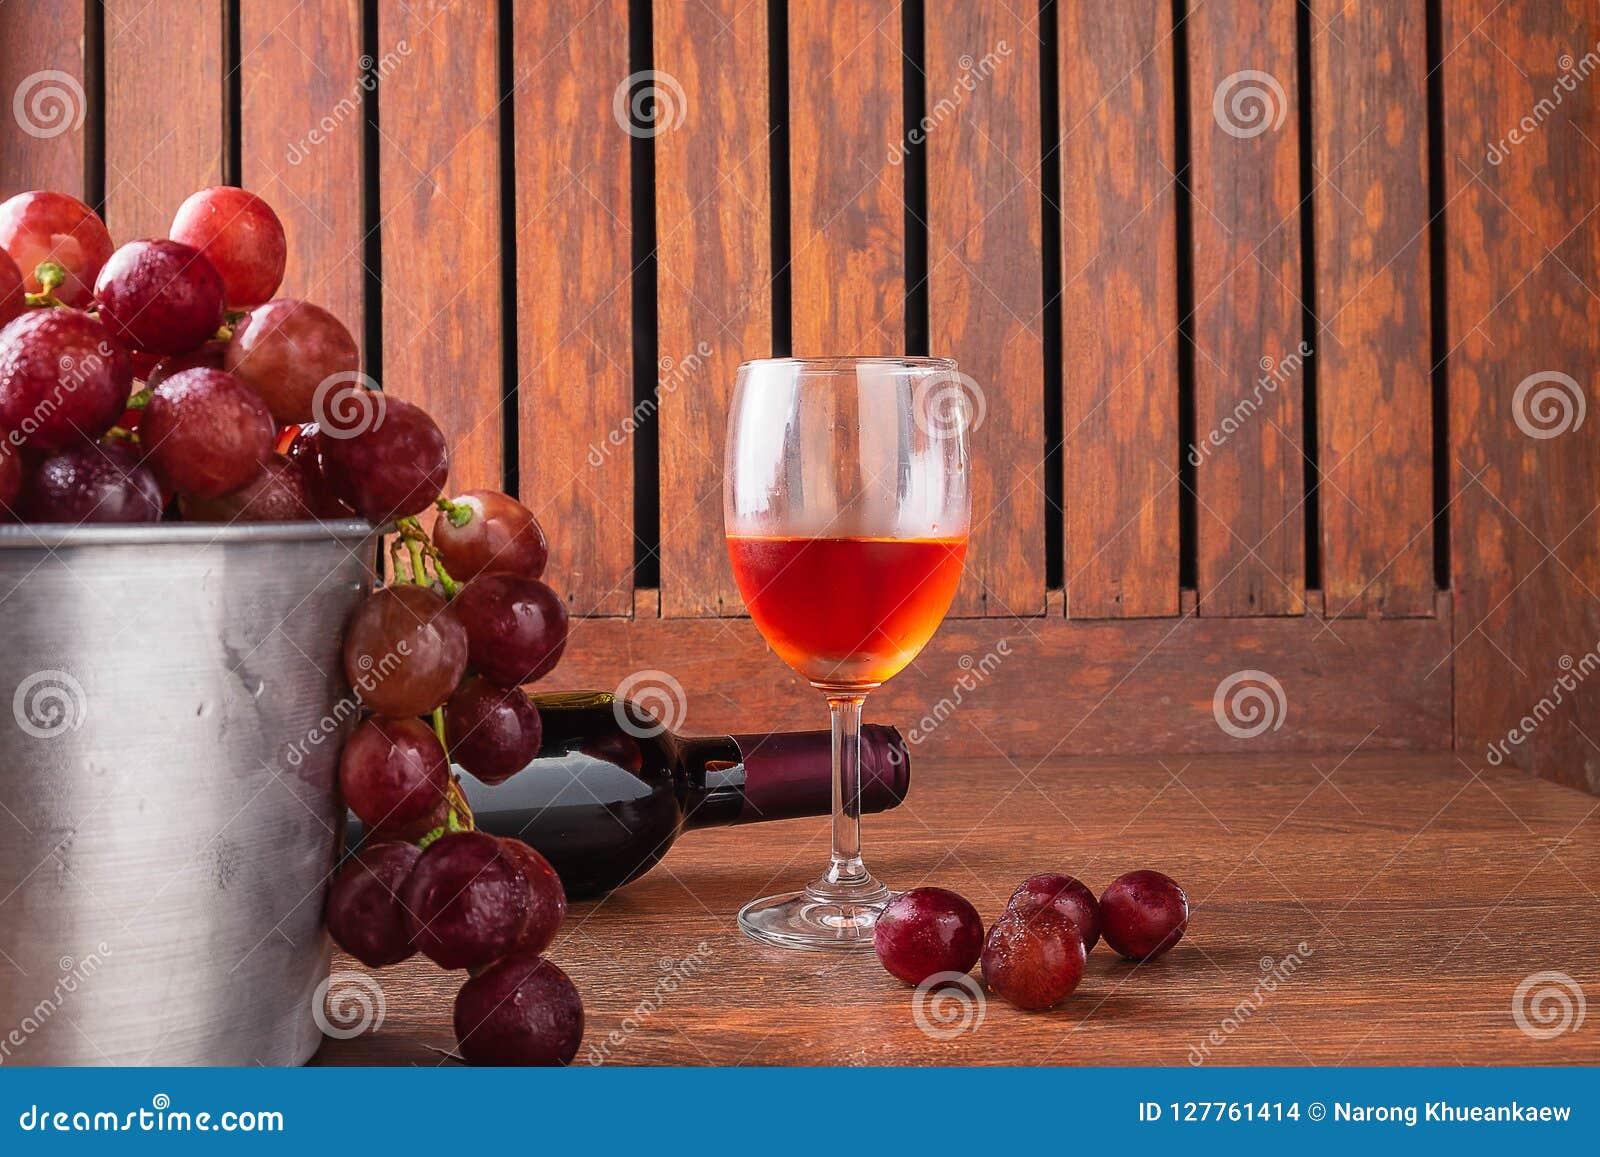 Wein-Glas und Wein-Flasche mit roten Trauben auf hölzernem Hintergrund